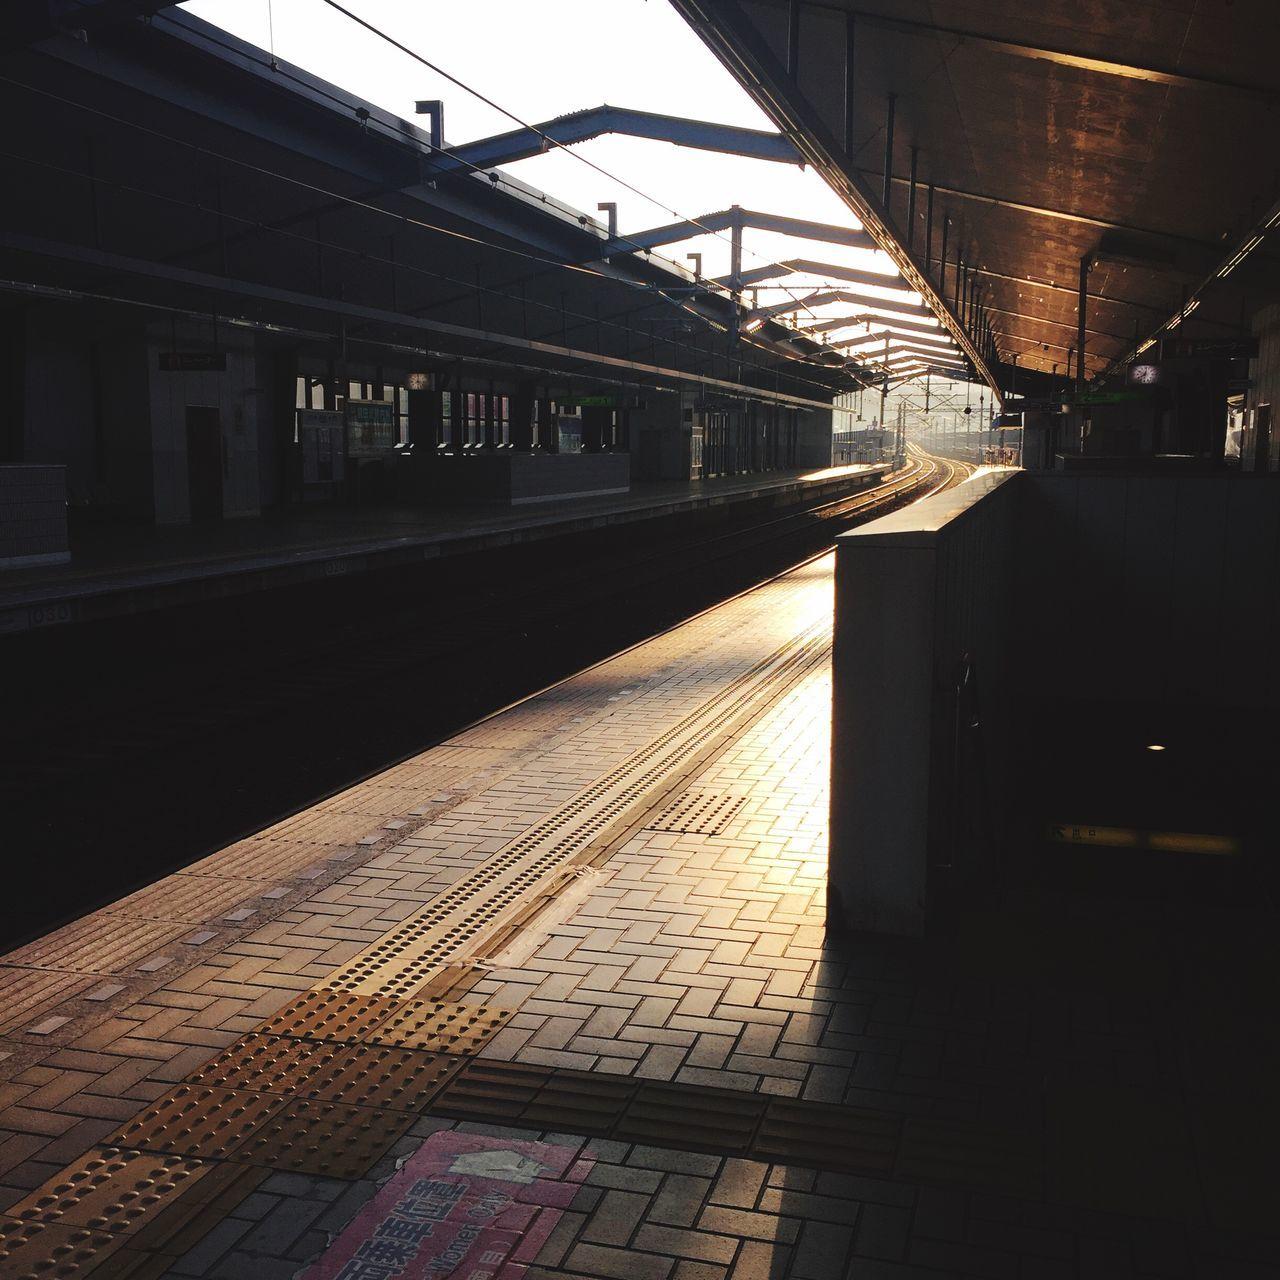 Happynewyear 1月1日 は朝からバイト Train Station いい1年になりますように